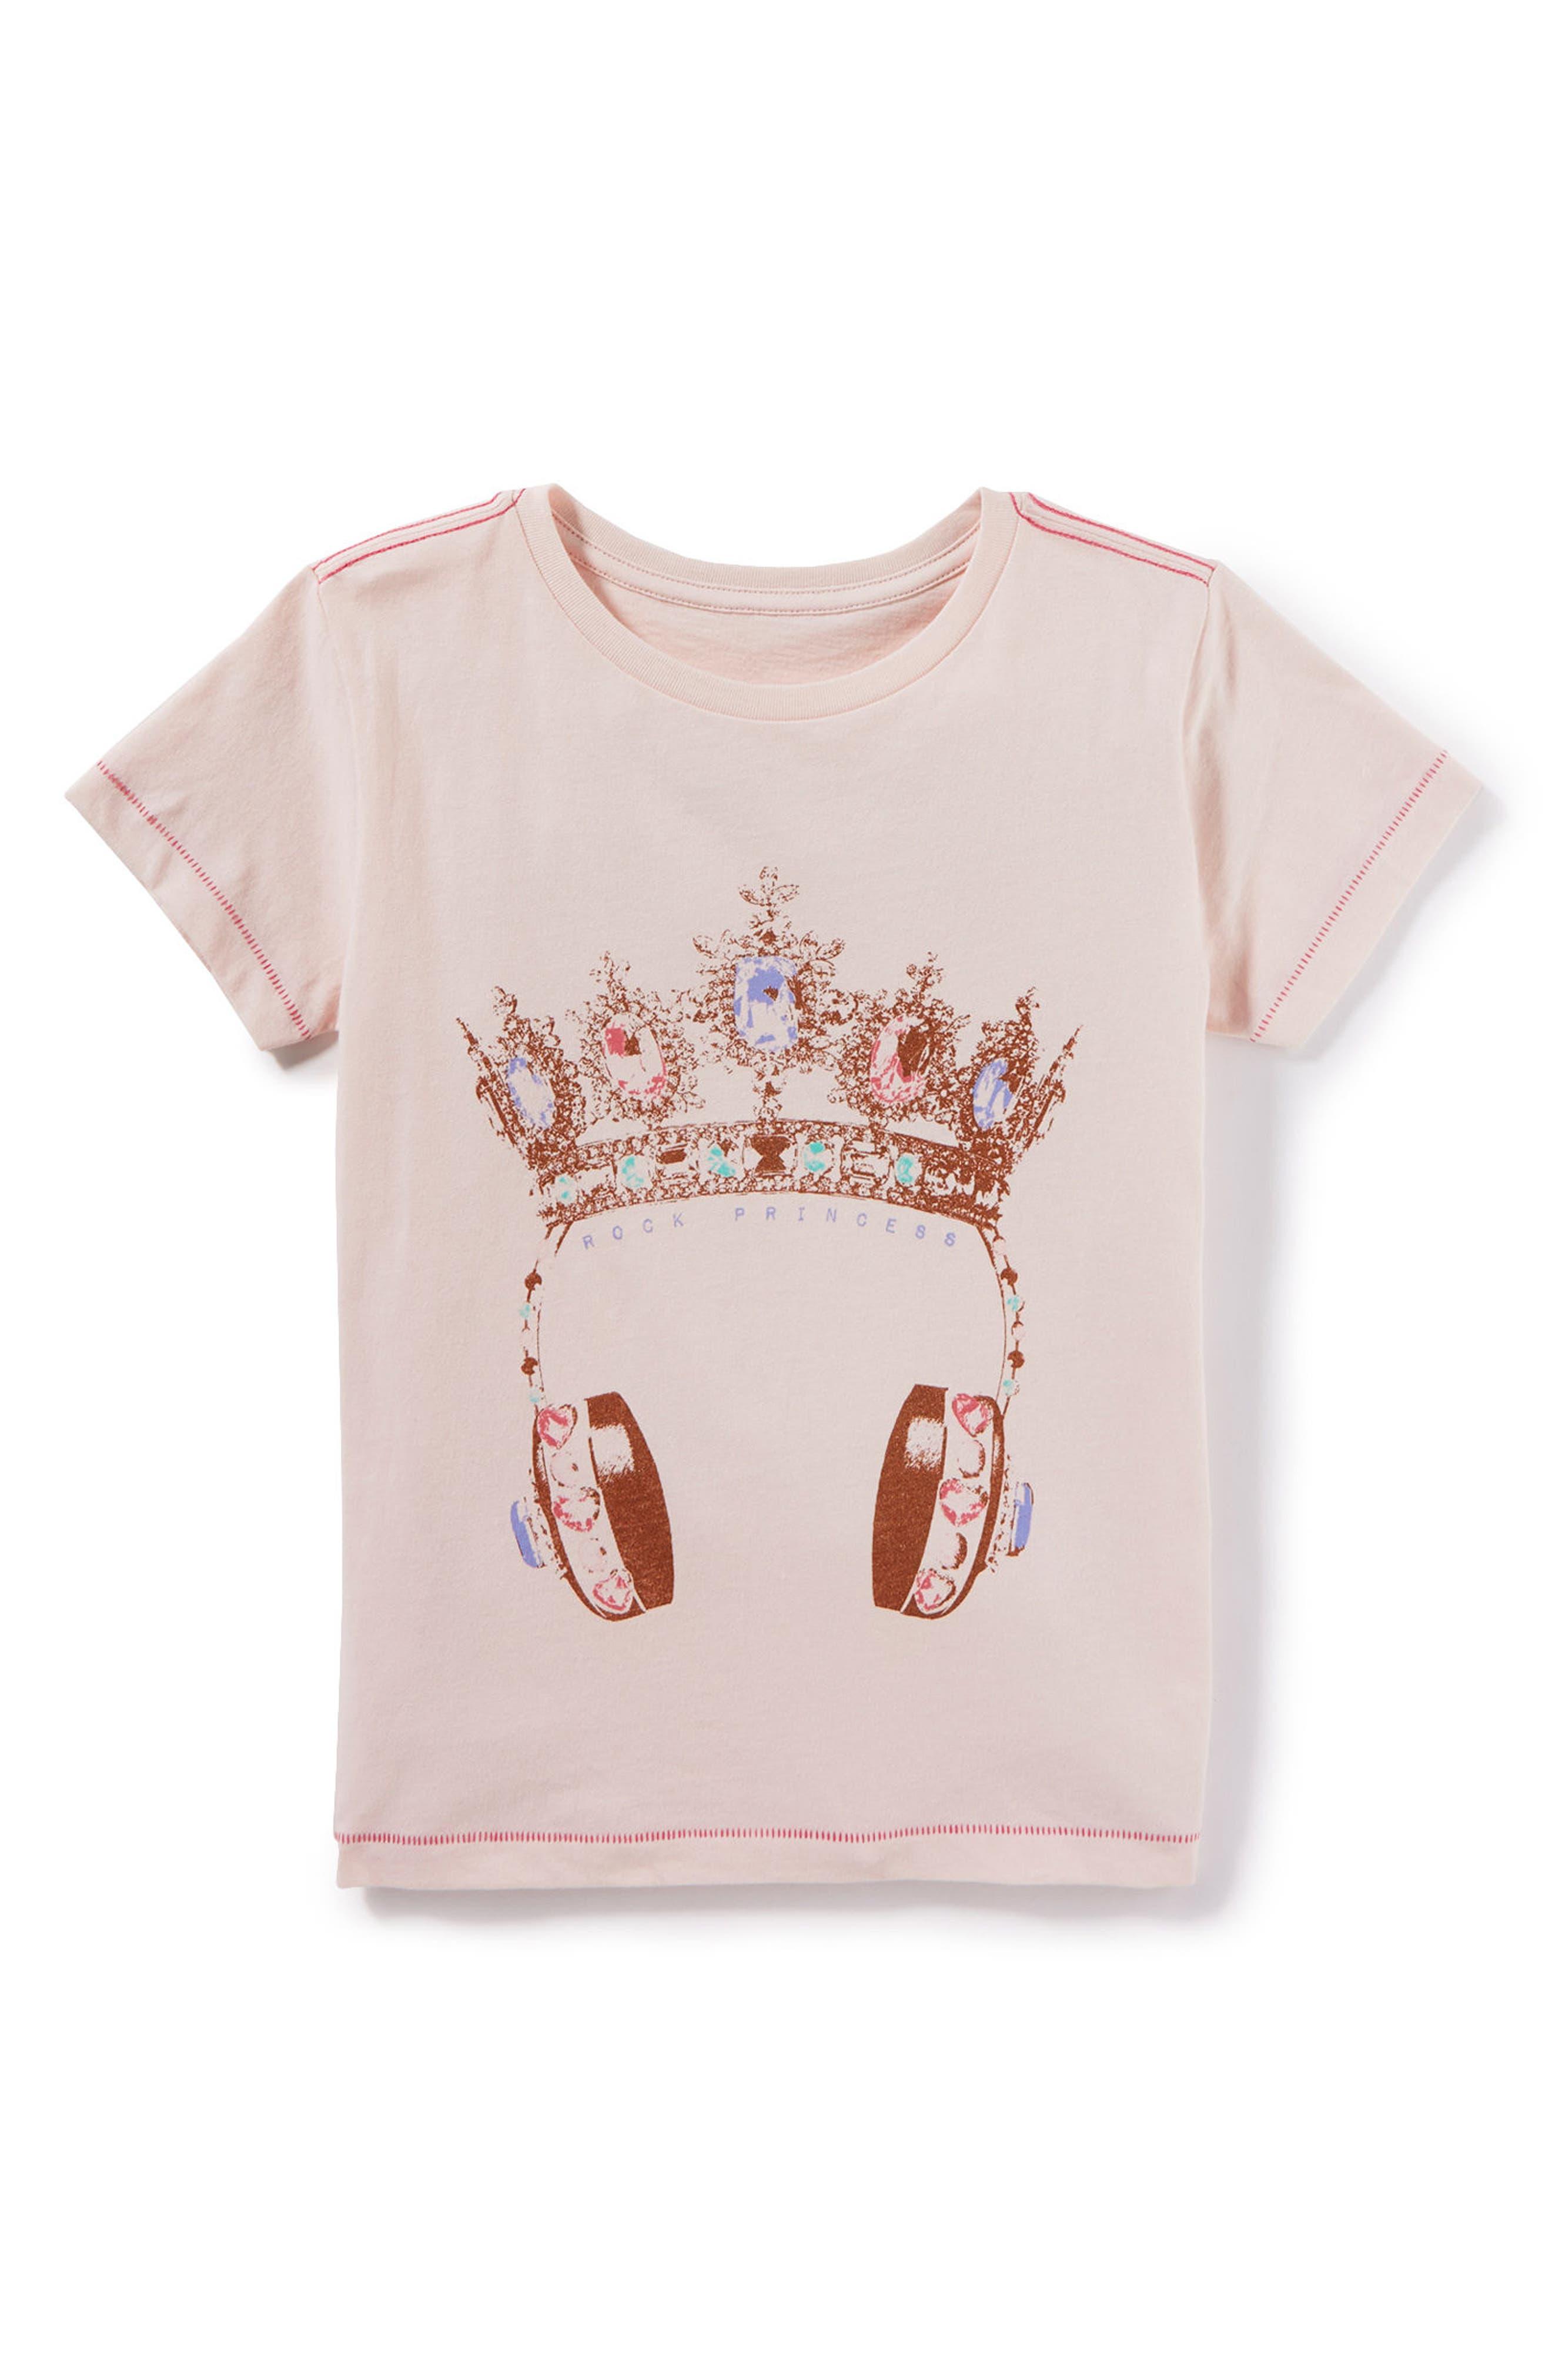 Main Image - Peek Rock Princess Graphic Tee (Toddler Girls, Little Girls & Big Girls)